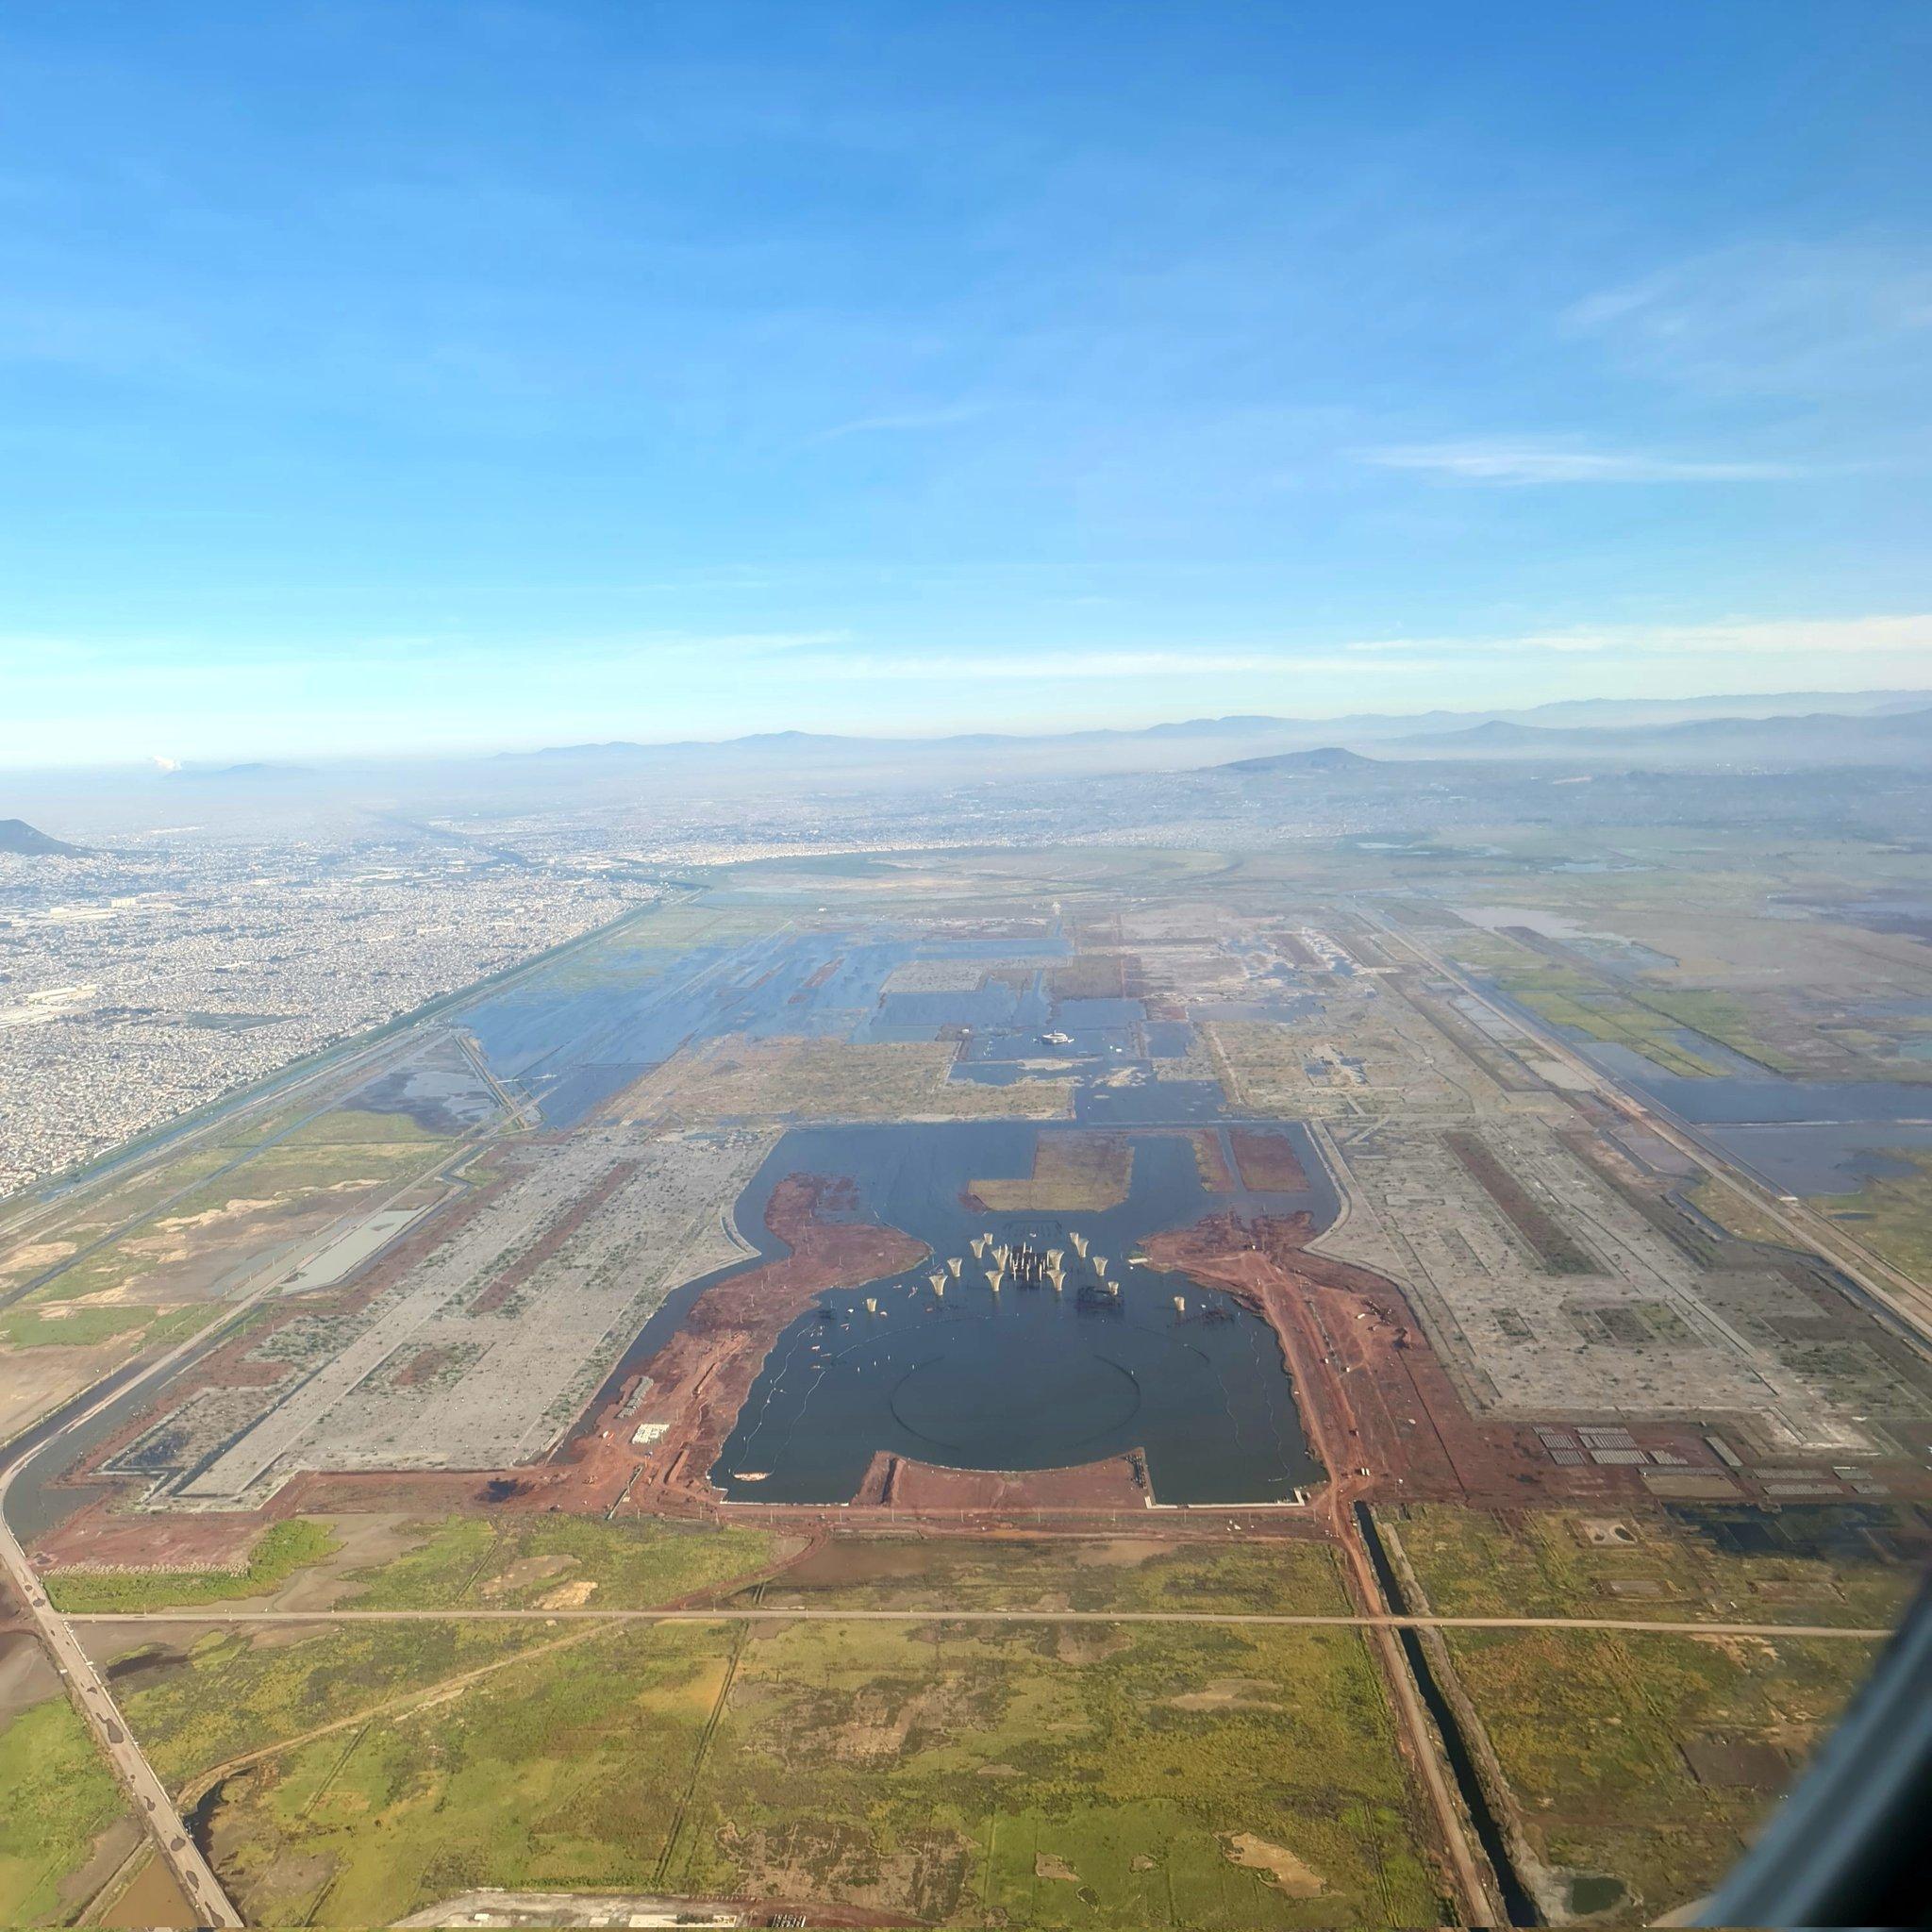 Titular de la SEDATU comparte foto del aeropuerto de Texcoco inundado y agita las redes sociales. La foto fue compartida el viernes.